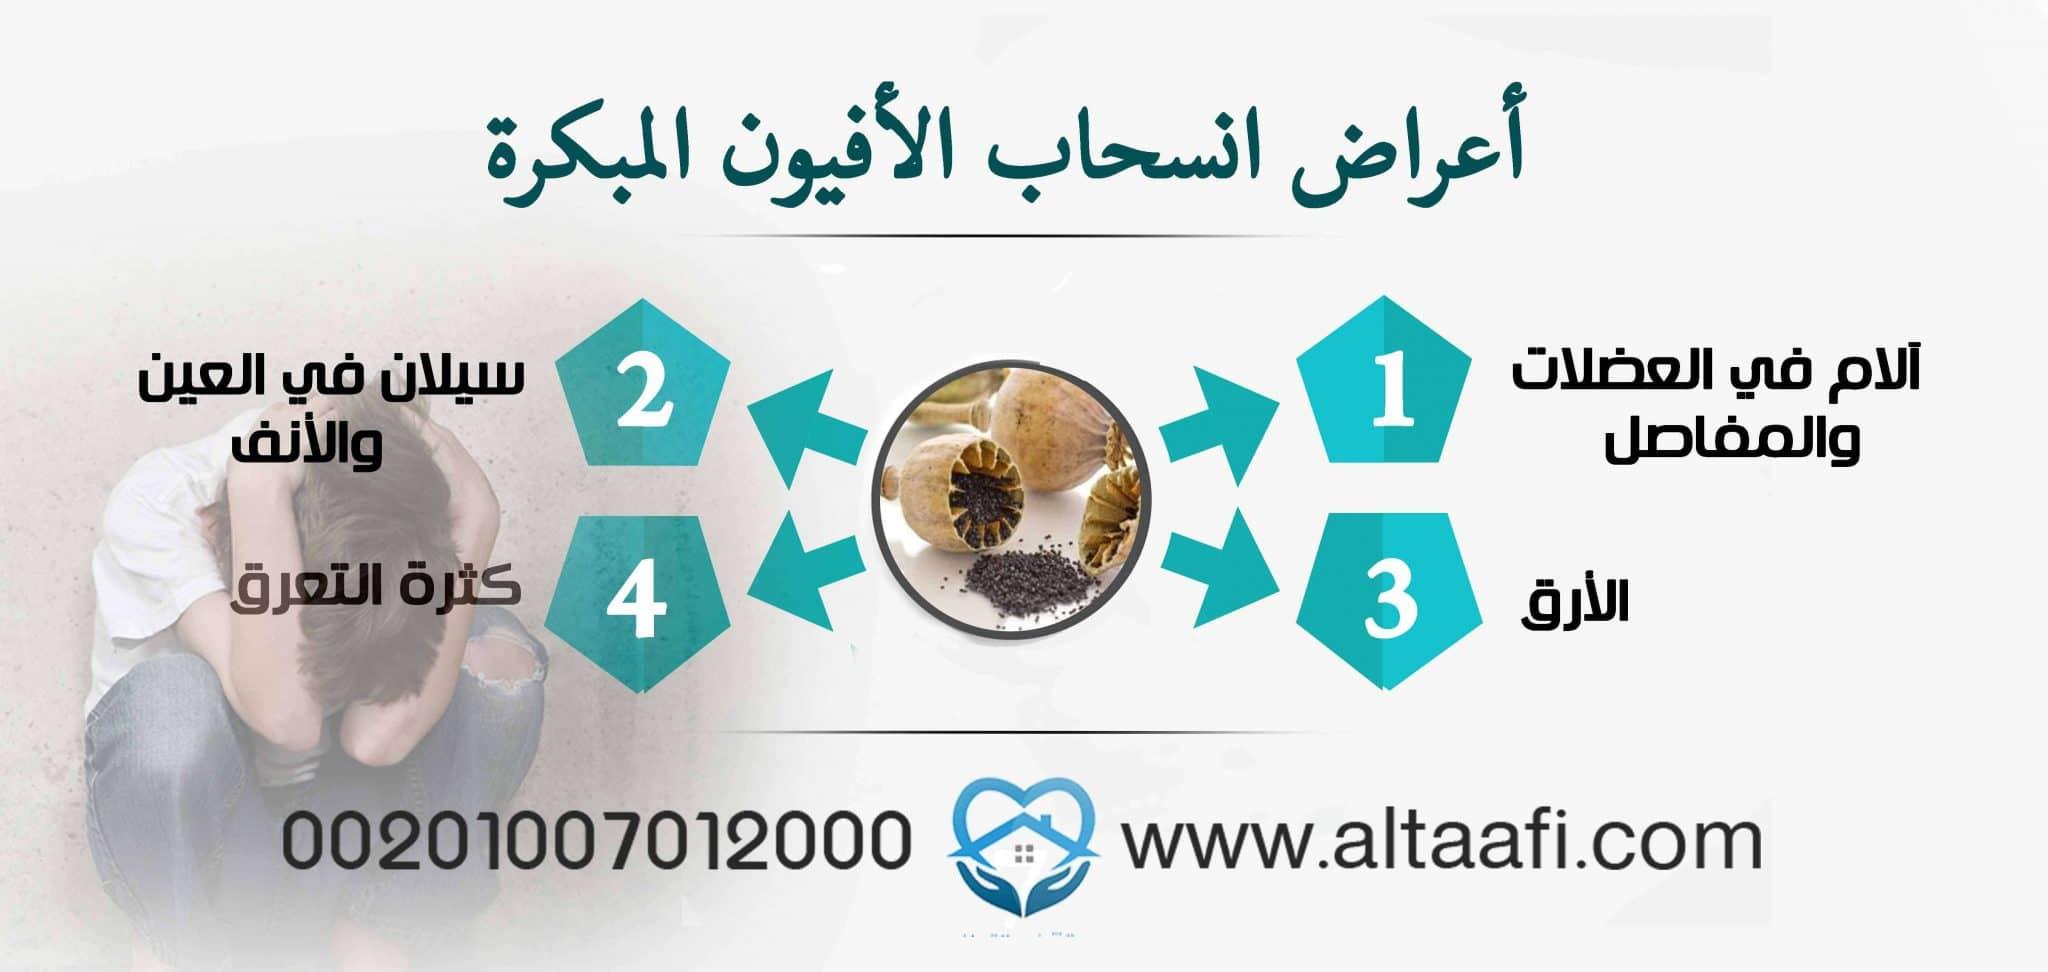 أعراض-انسحاب-الأفيون-المبكرة (1) (1)